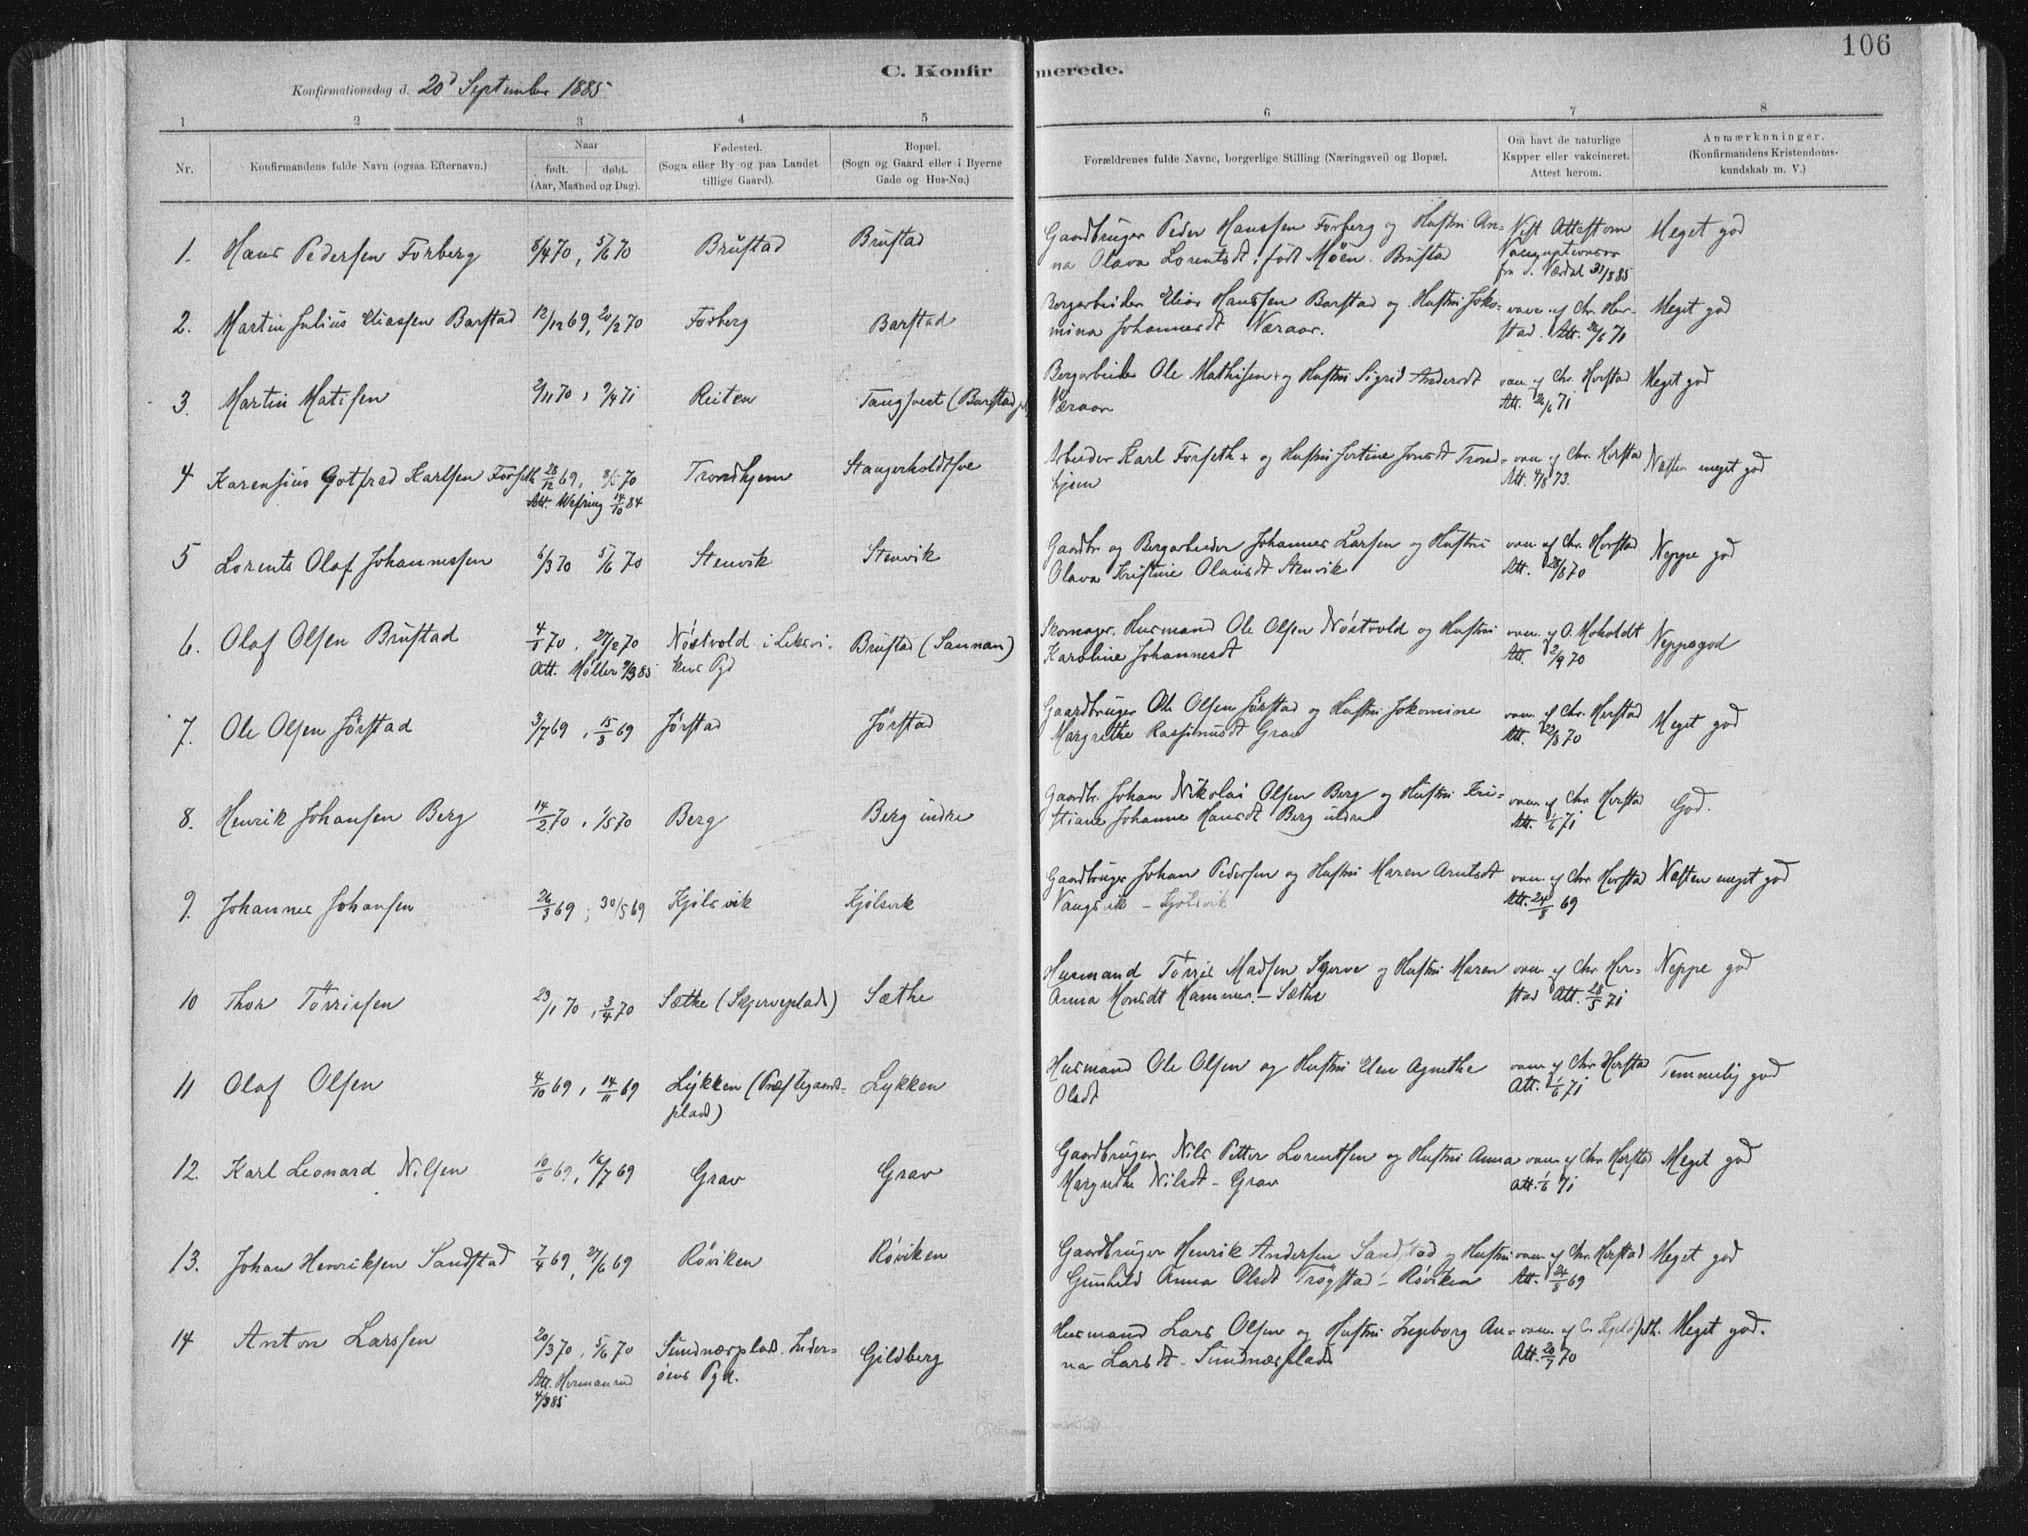 SAT, Ministerialprotokoller, klokkerbøker og fødselsregistre - Nord-Trøndelag, 722/L0220: Ministerialbok nr. 722A07, 1881-1908, s. 106